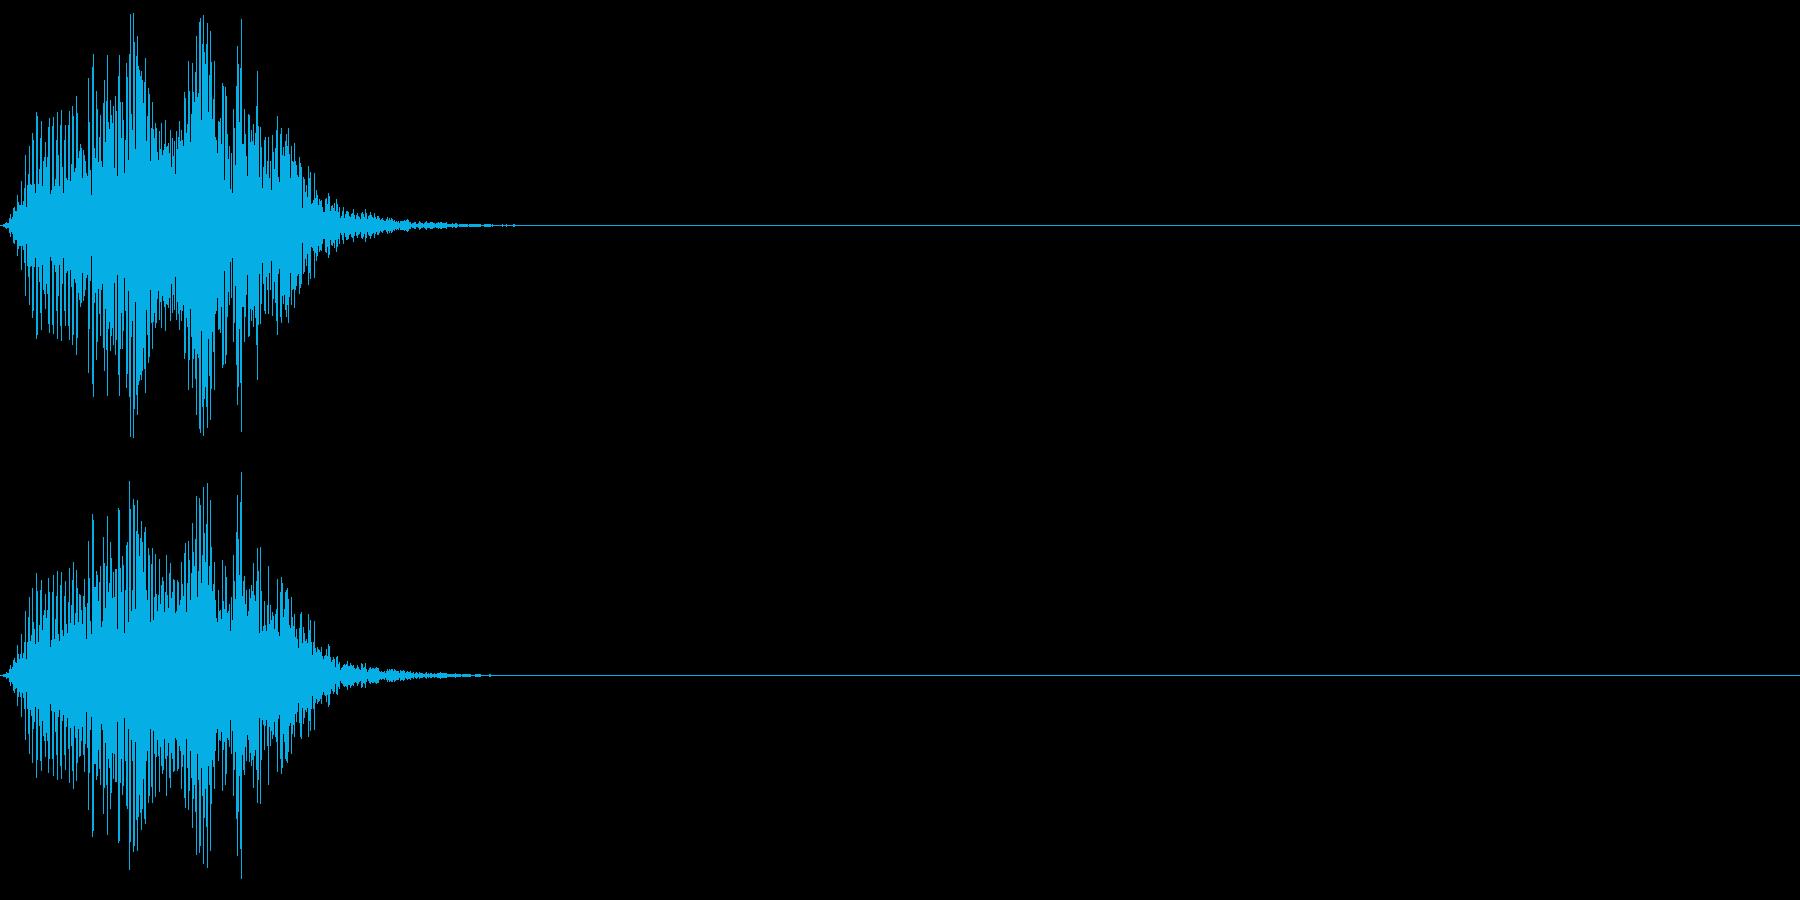 シロハラハイイロエボシドリの鳴き声の再生済みの波形